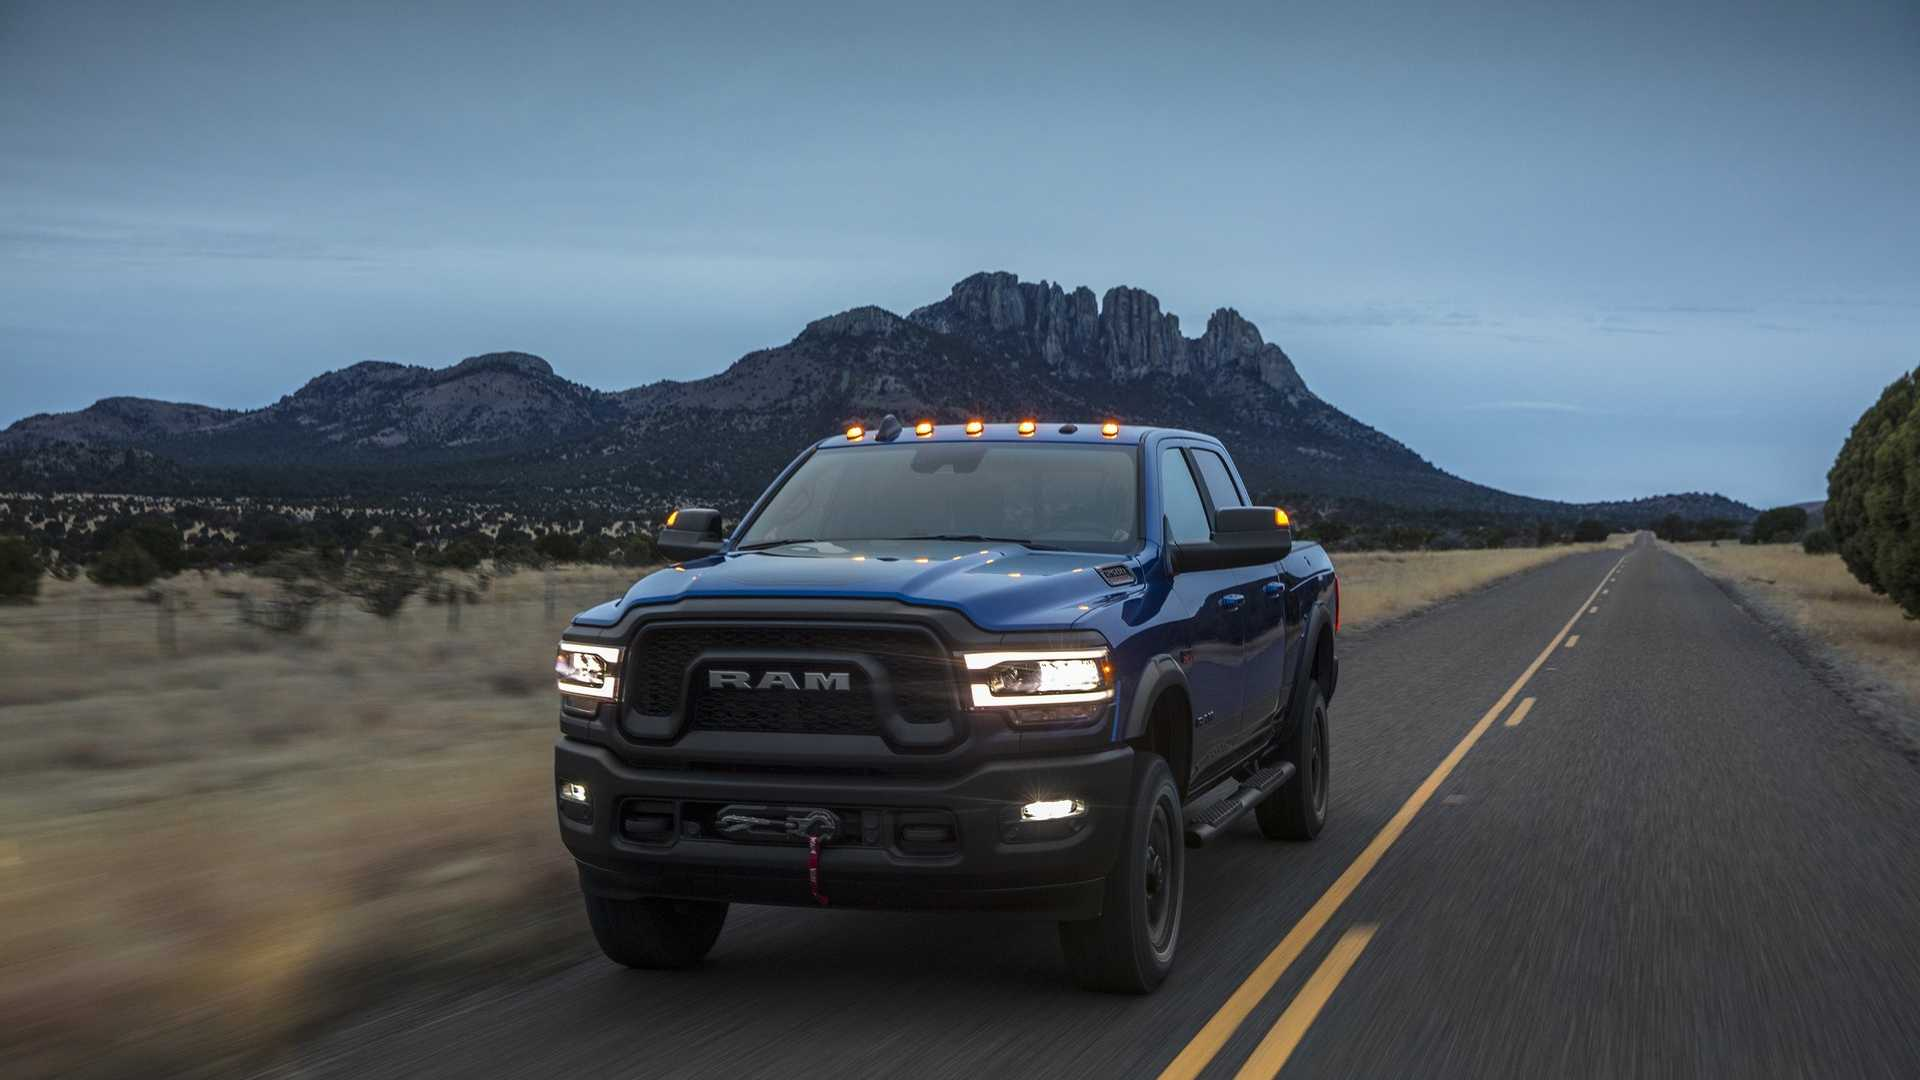 2019-ram-heavy-duty-exterior (73)